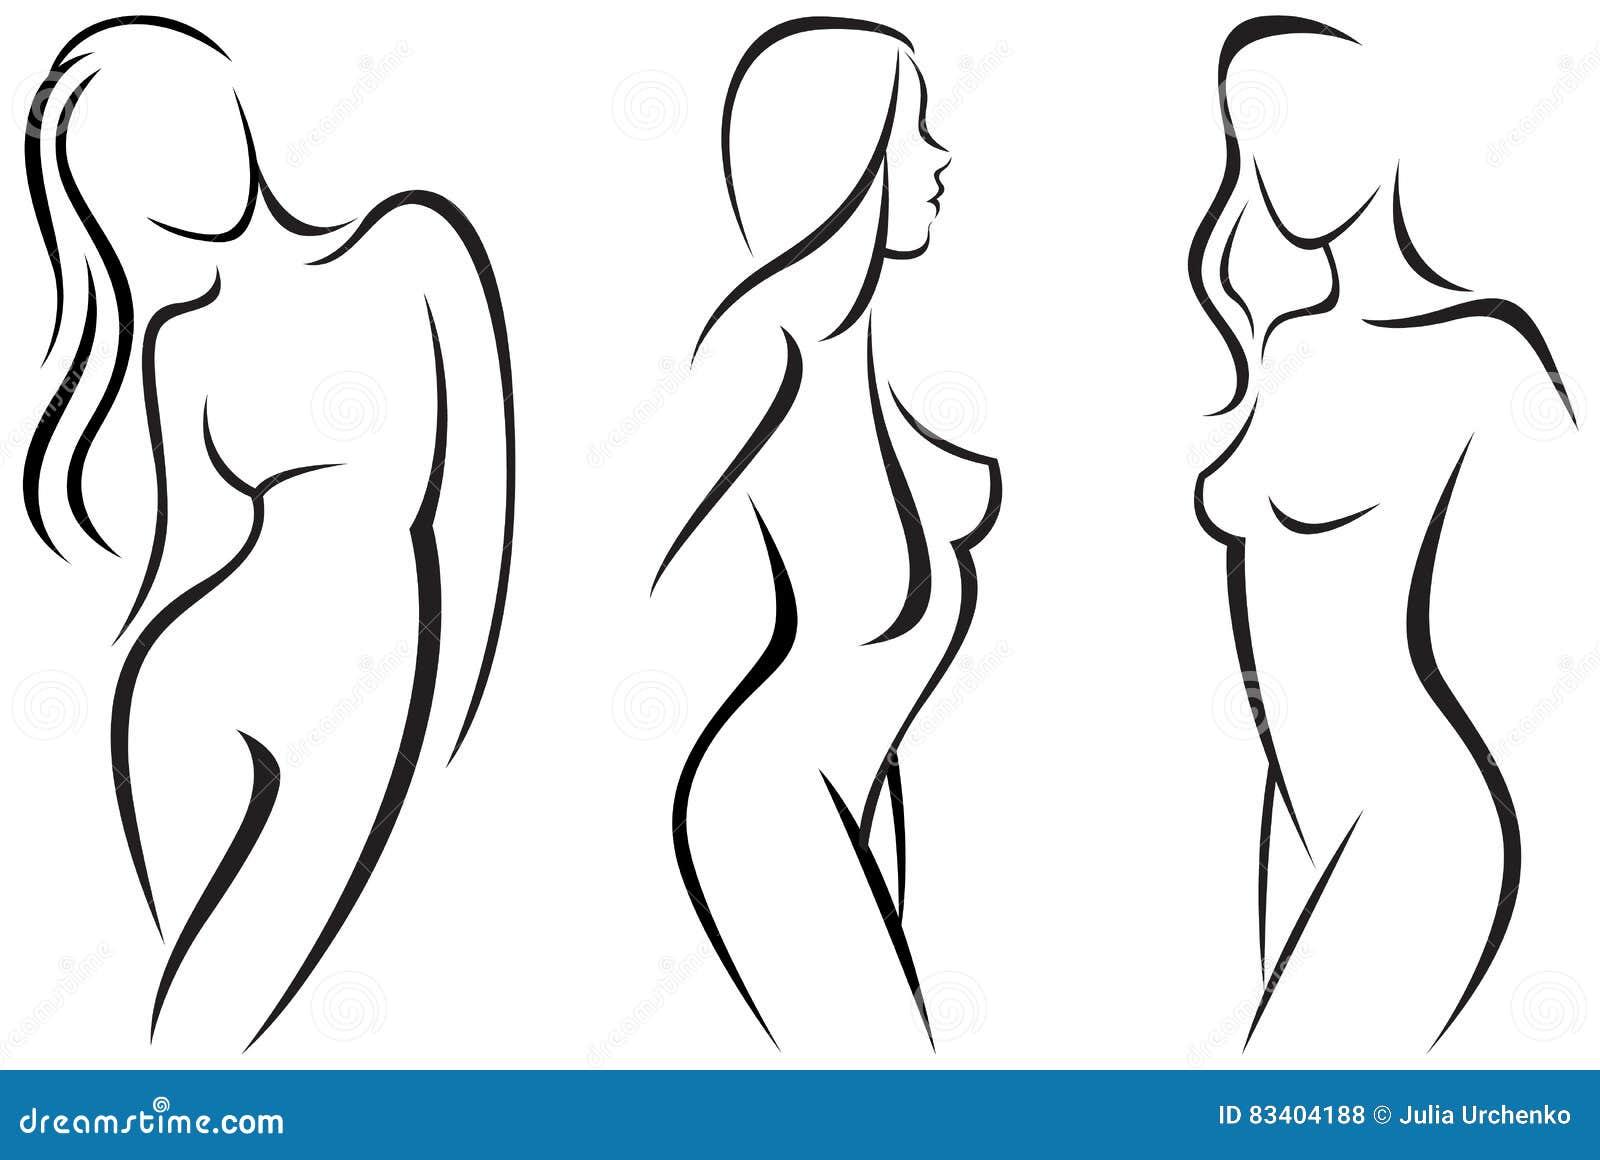 Top Delle donne stilizzate foto stock - Iscriviti Gratis TB06